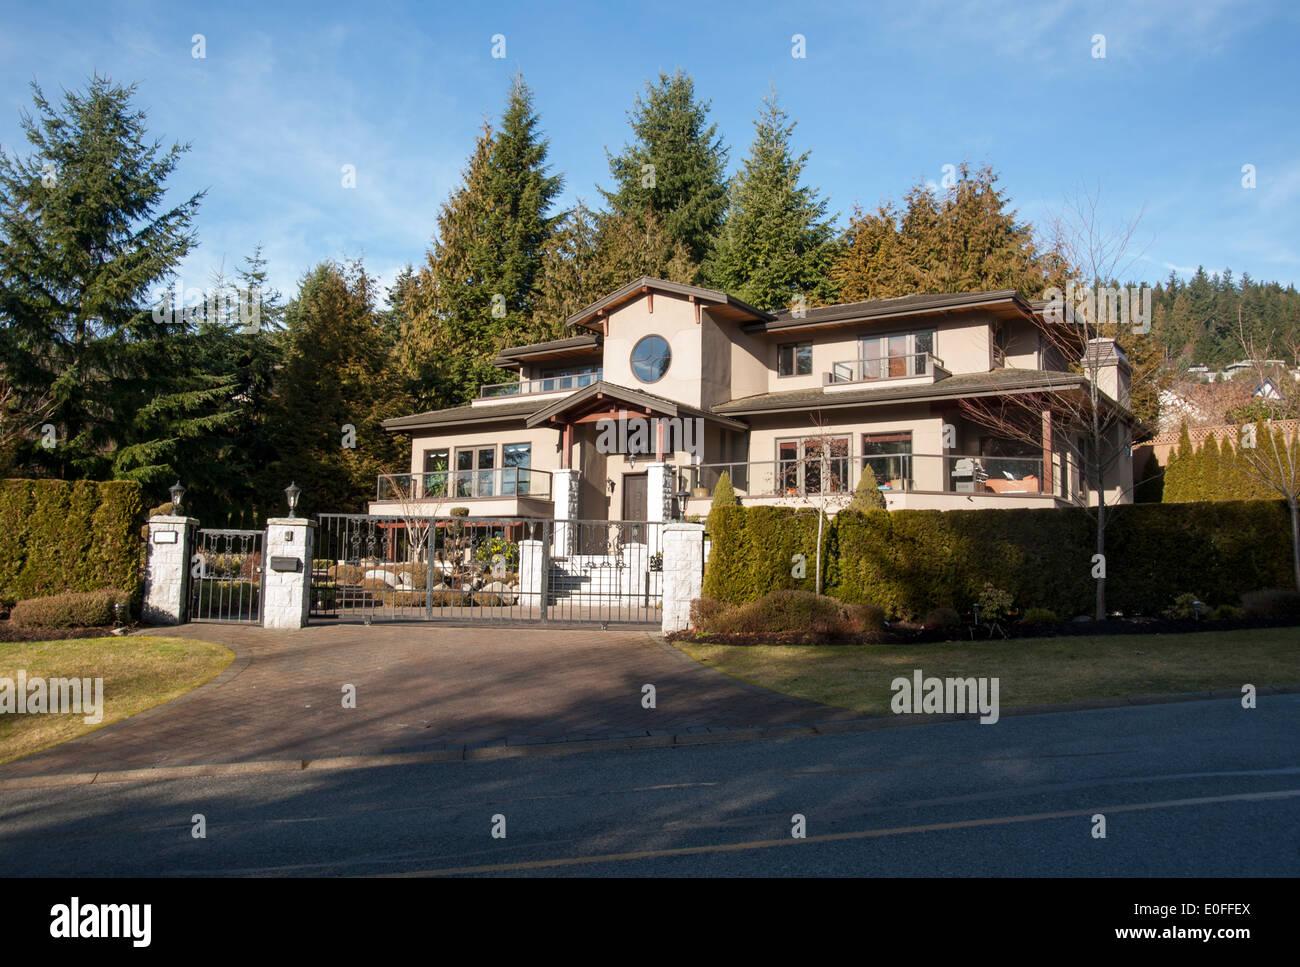 Große gated Hause in britischen Eigenschaften, West Vancouver, Britisch-Kolumbien, Kanada Stockbild